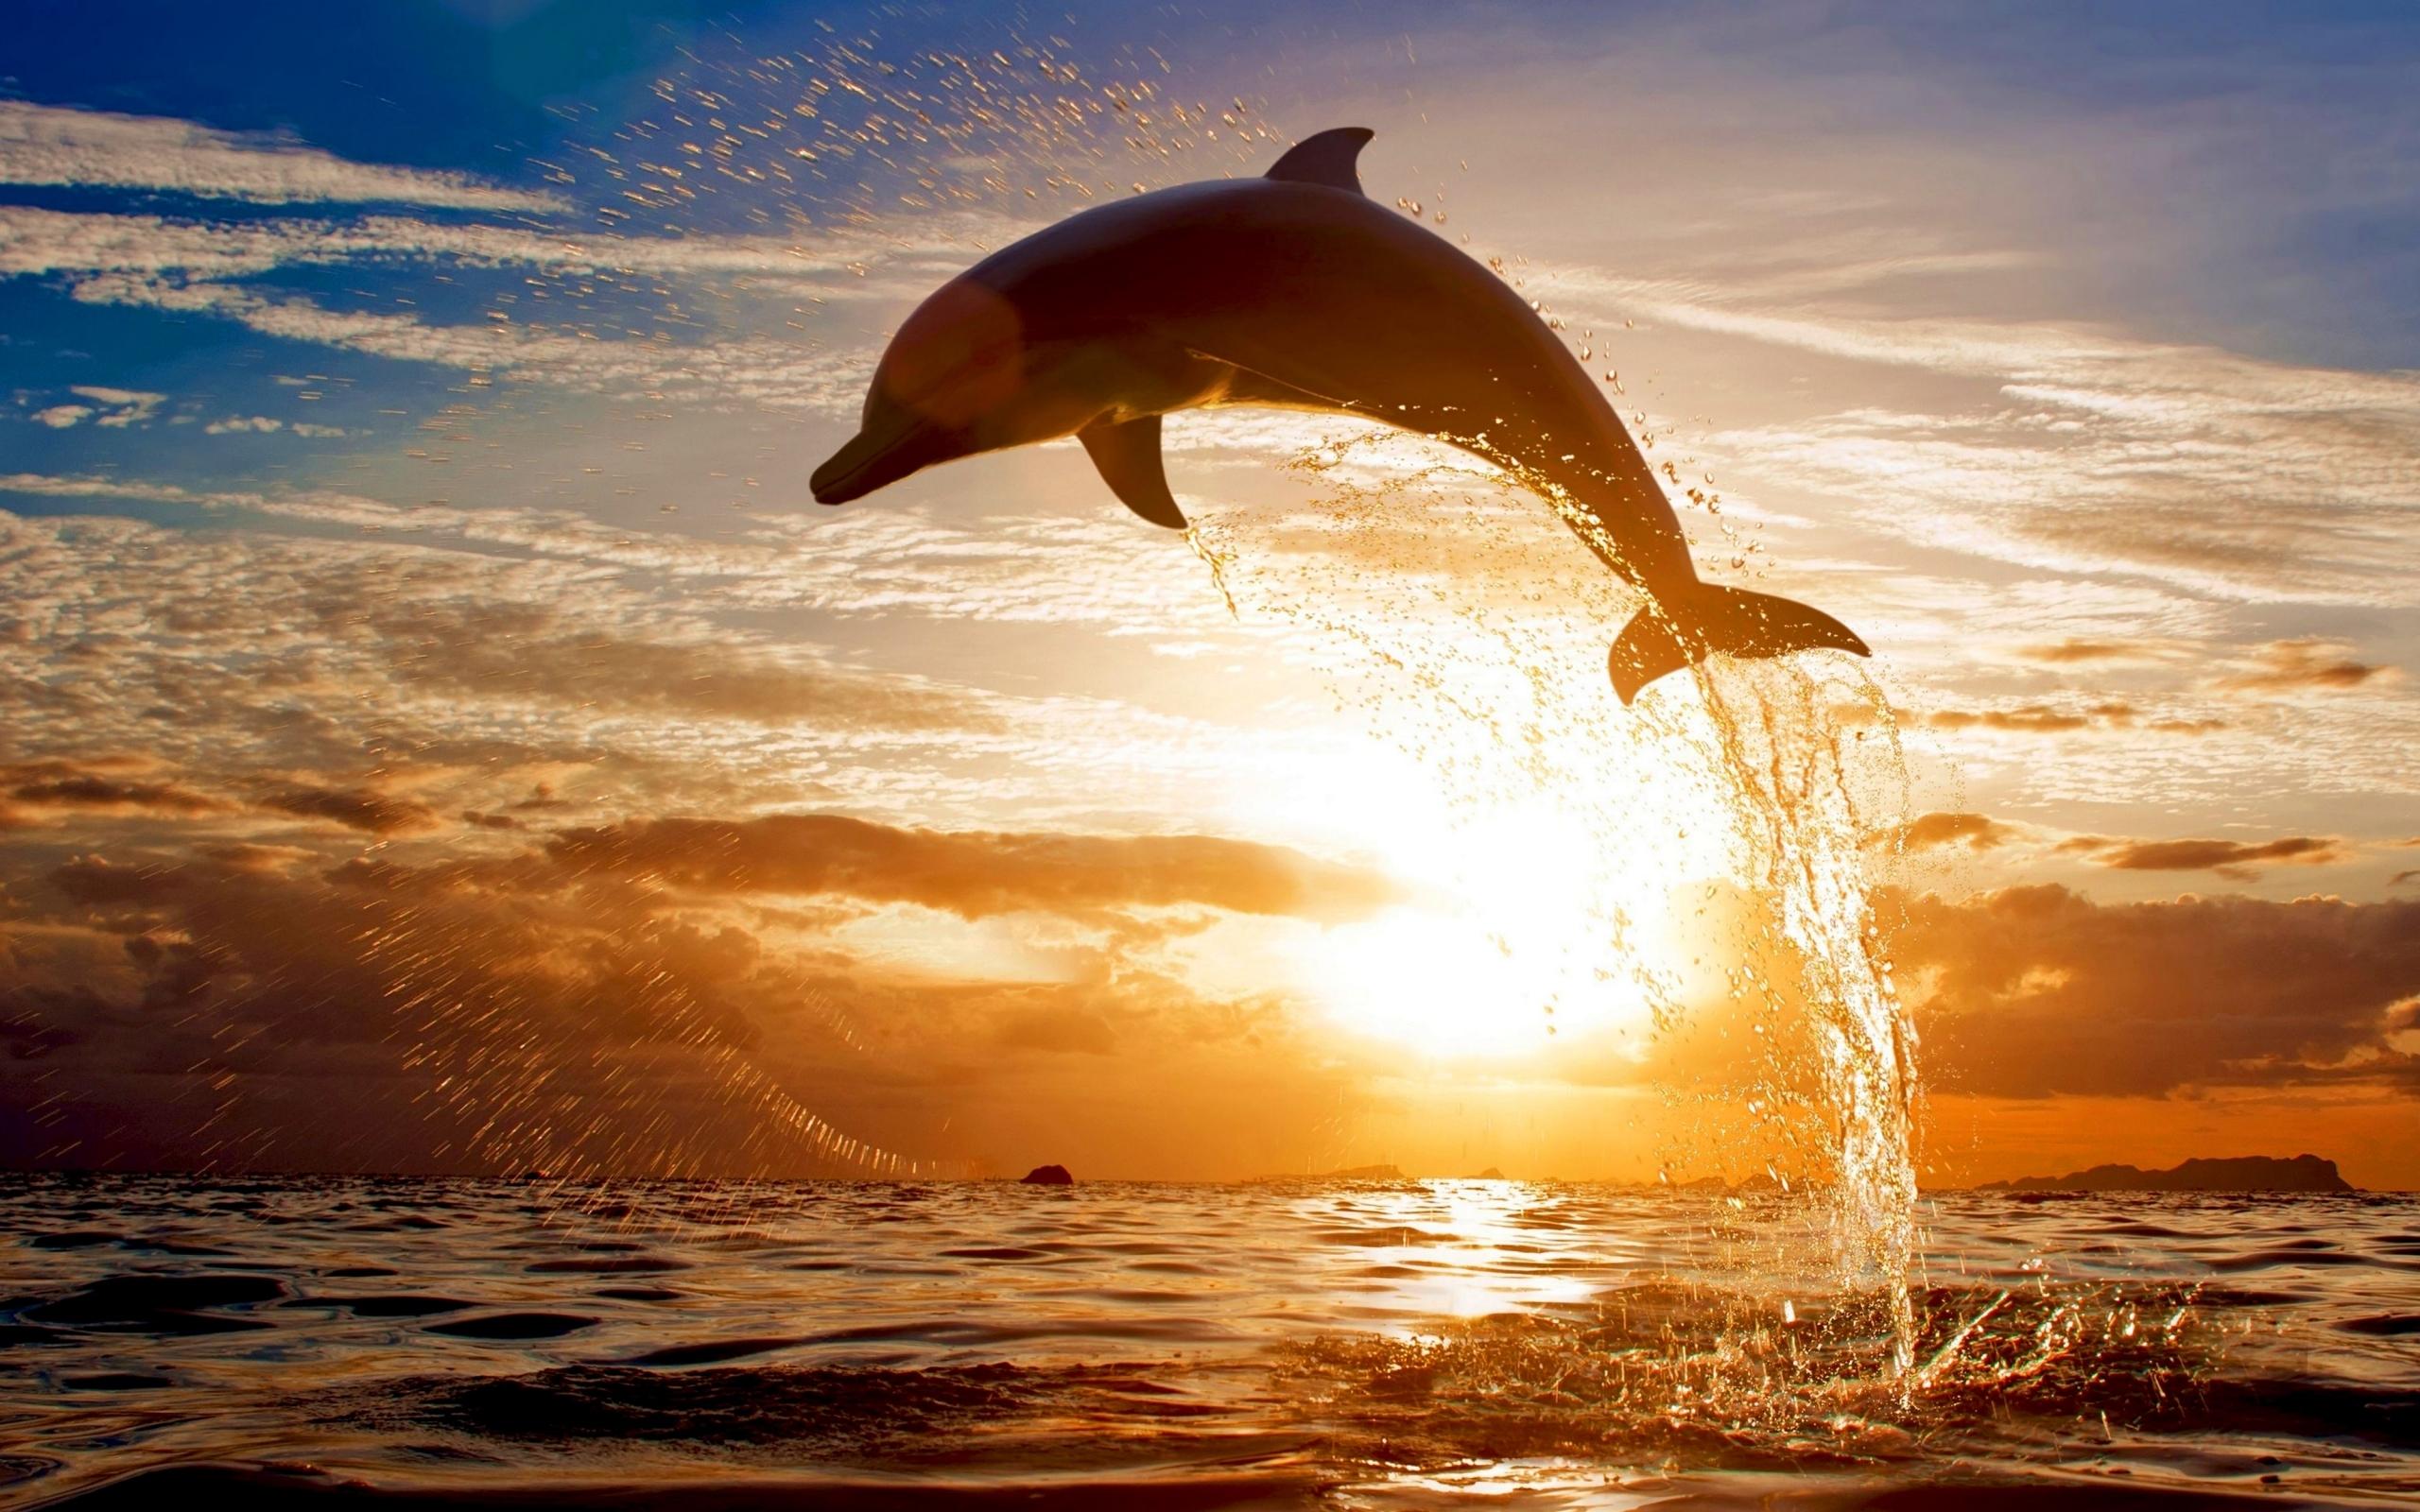 47284 Hintergrundbild herunterladen Delfine, Tiere, Landschaft - Bildschirmschoner und Bilder kostenlos